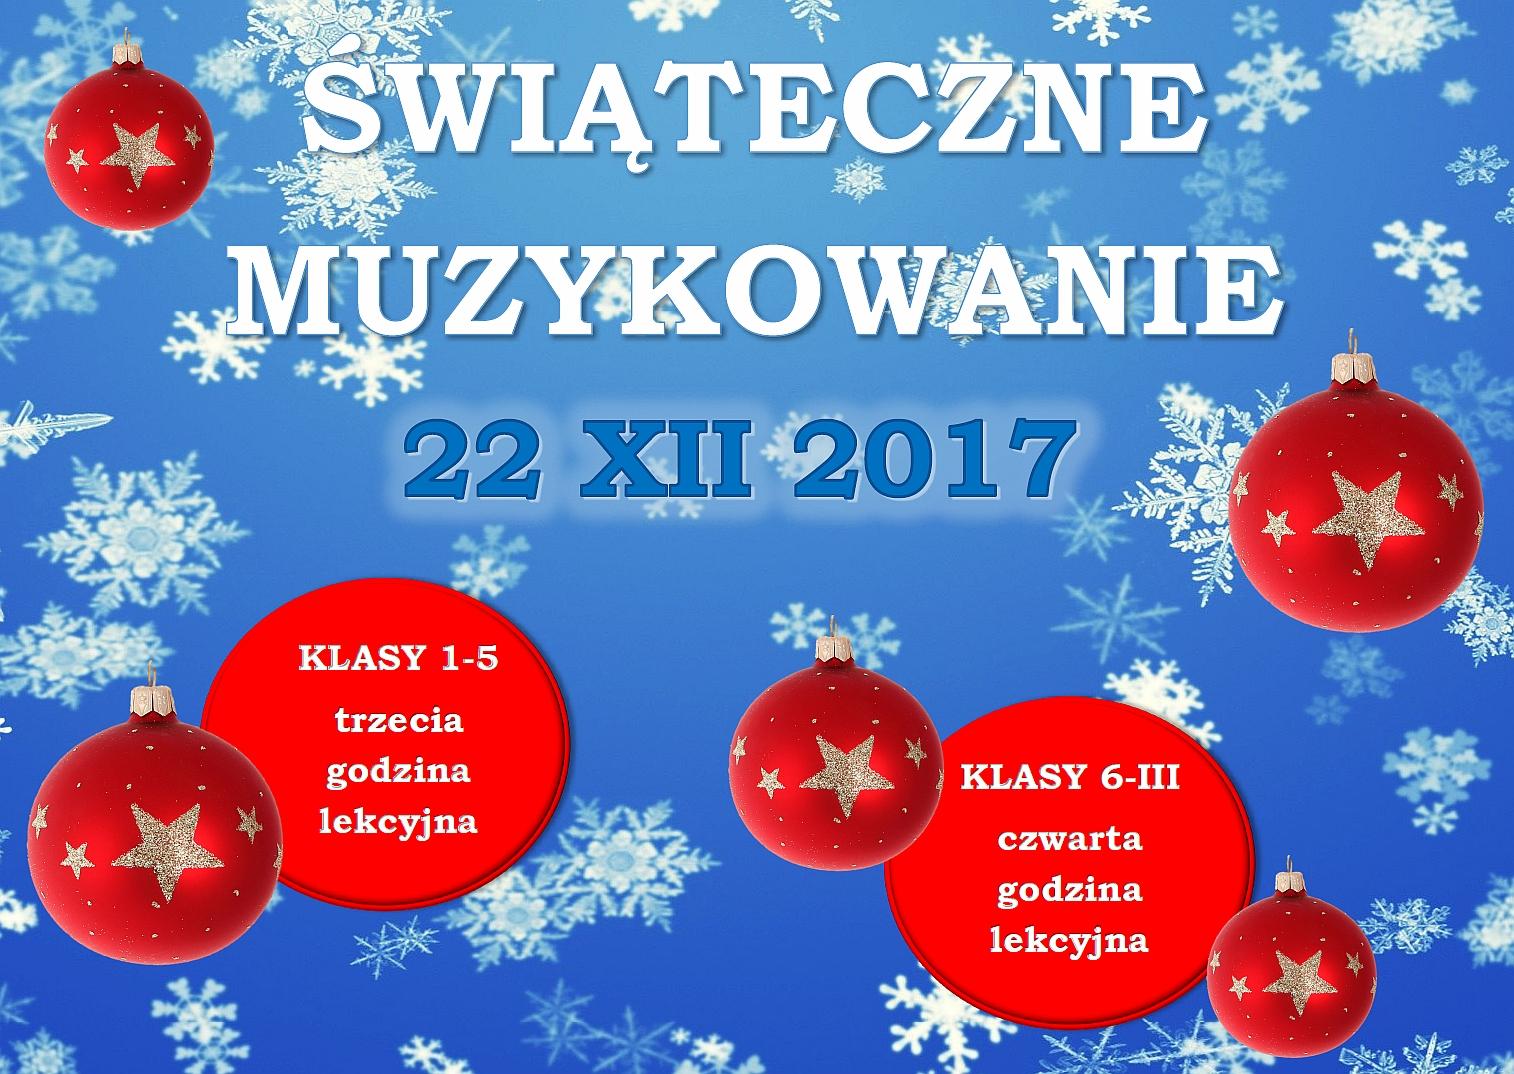 swiateczne_muzykowanie_2017